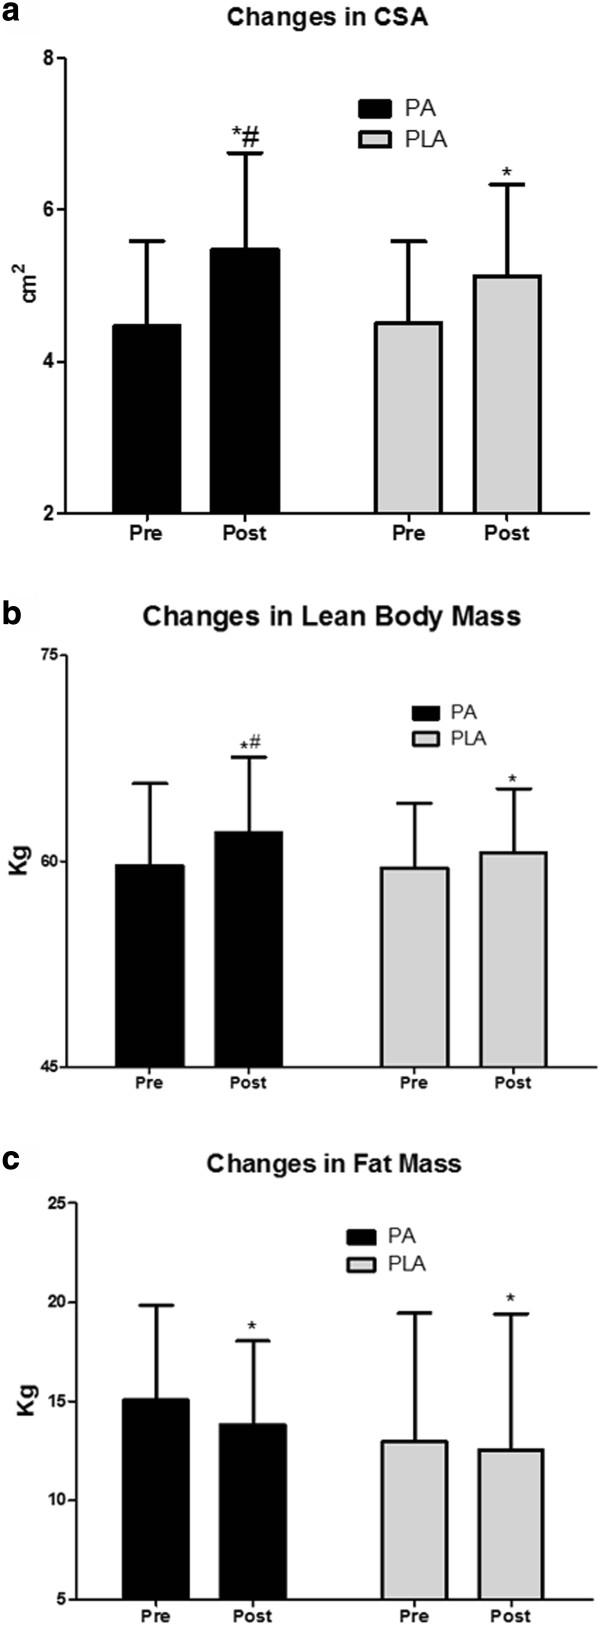 Cambios en el área trasversal del músculo, en la masa libre de grasa, y en la masa grasa